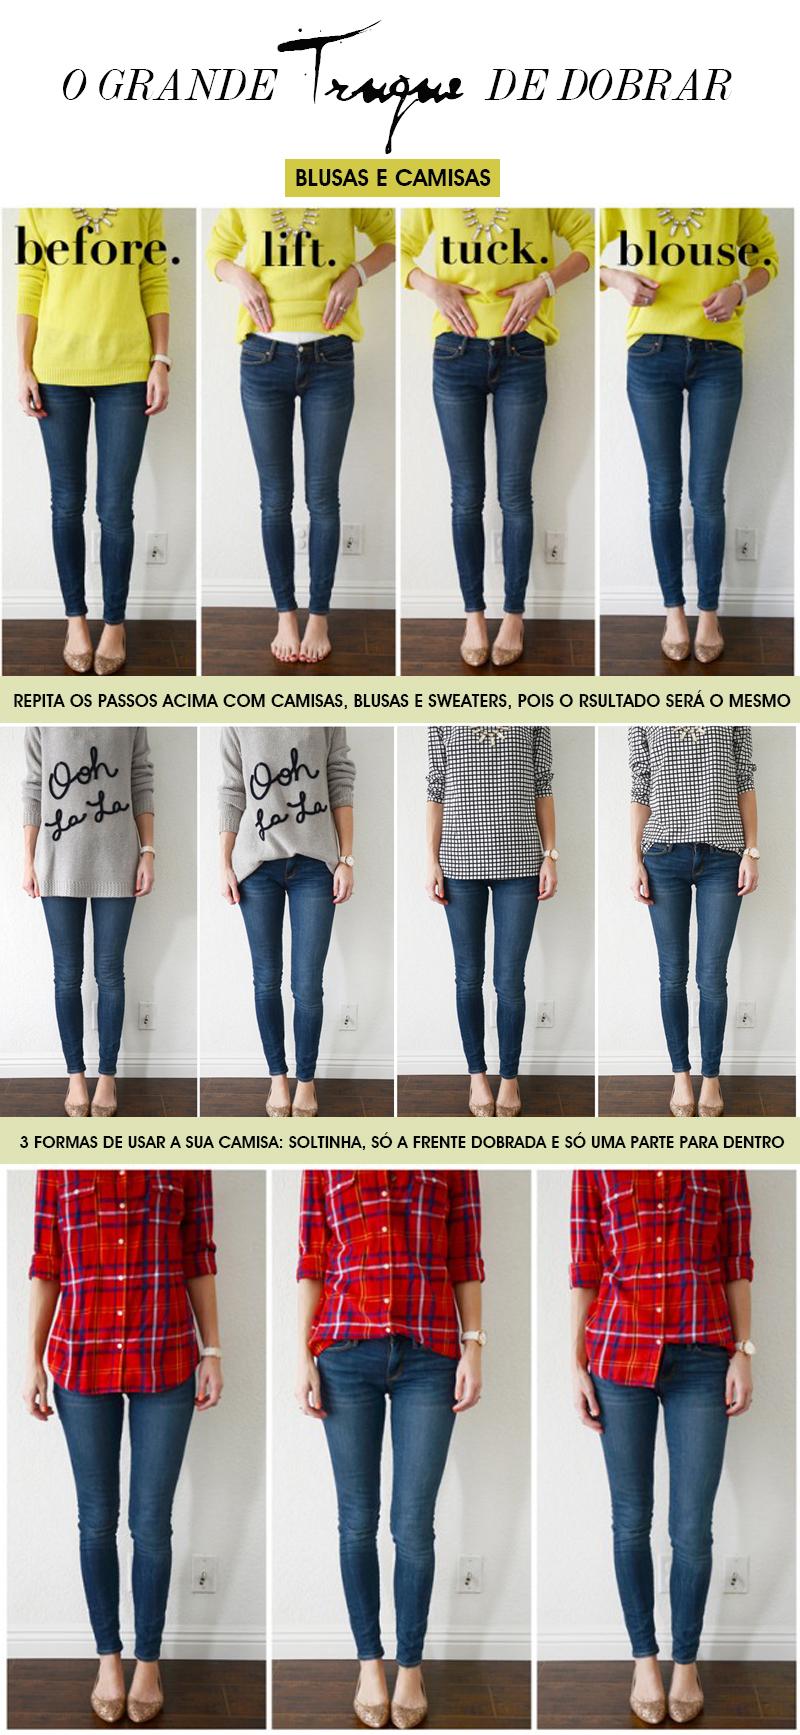 Como dobrar blusas e camisas como as fotos de street style com muito estilo - Dicas de moda por Deisi Remus